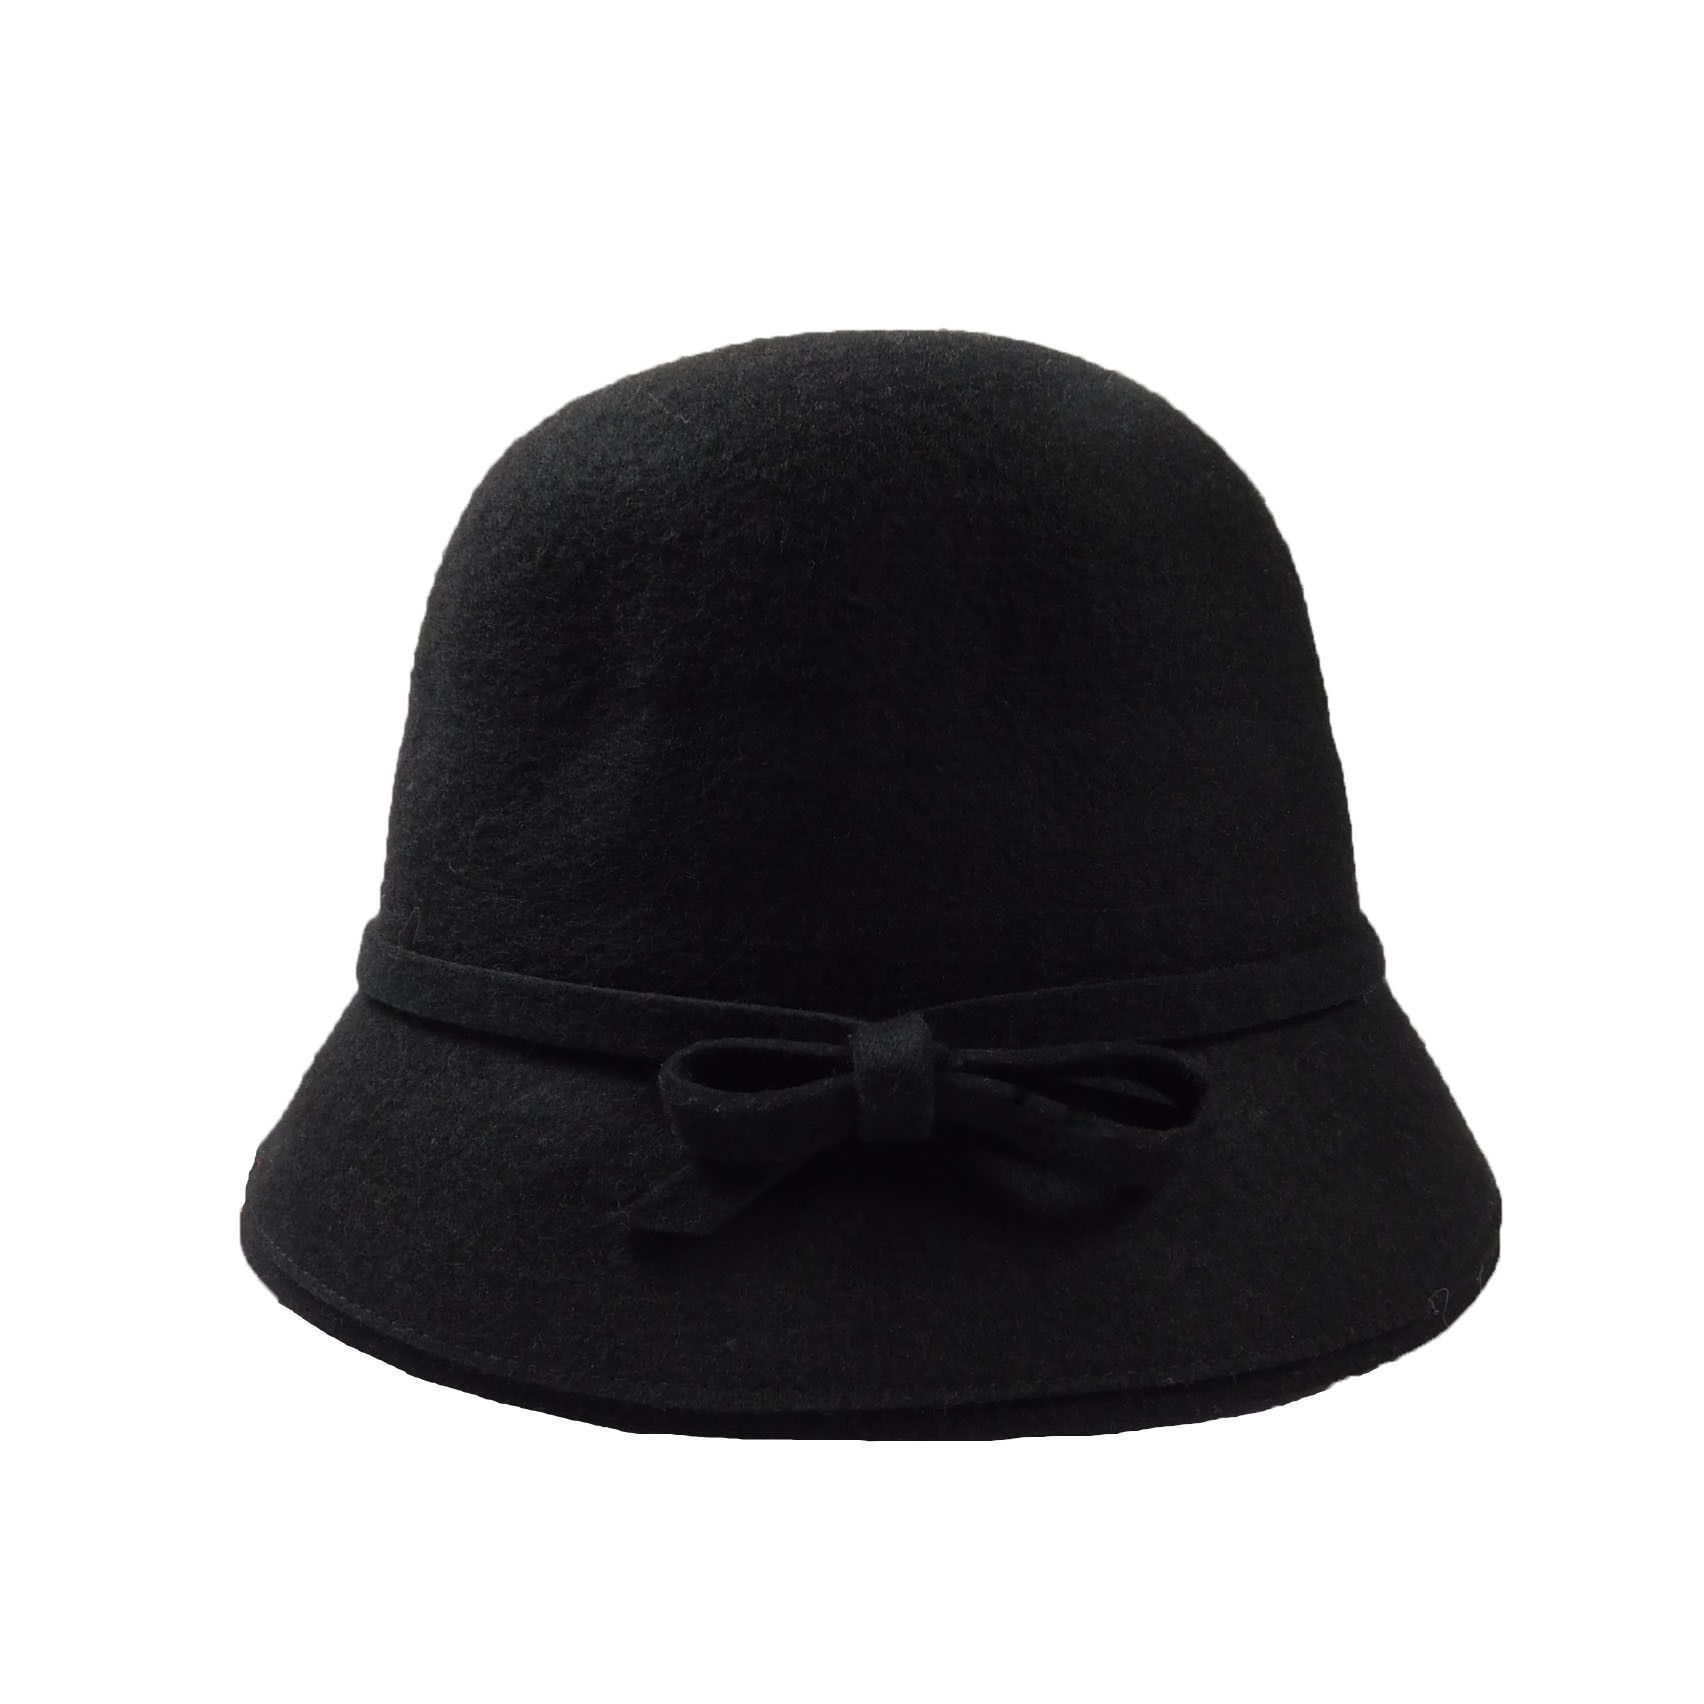 Wool Felt Cloche/Bucket Hat | 2015's Best Winter ...